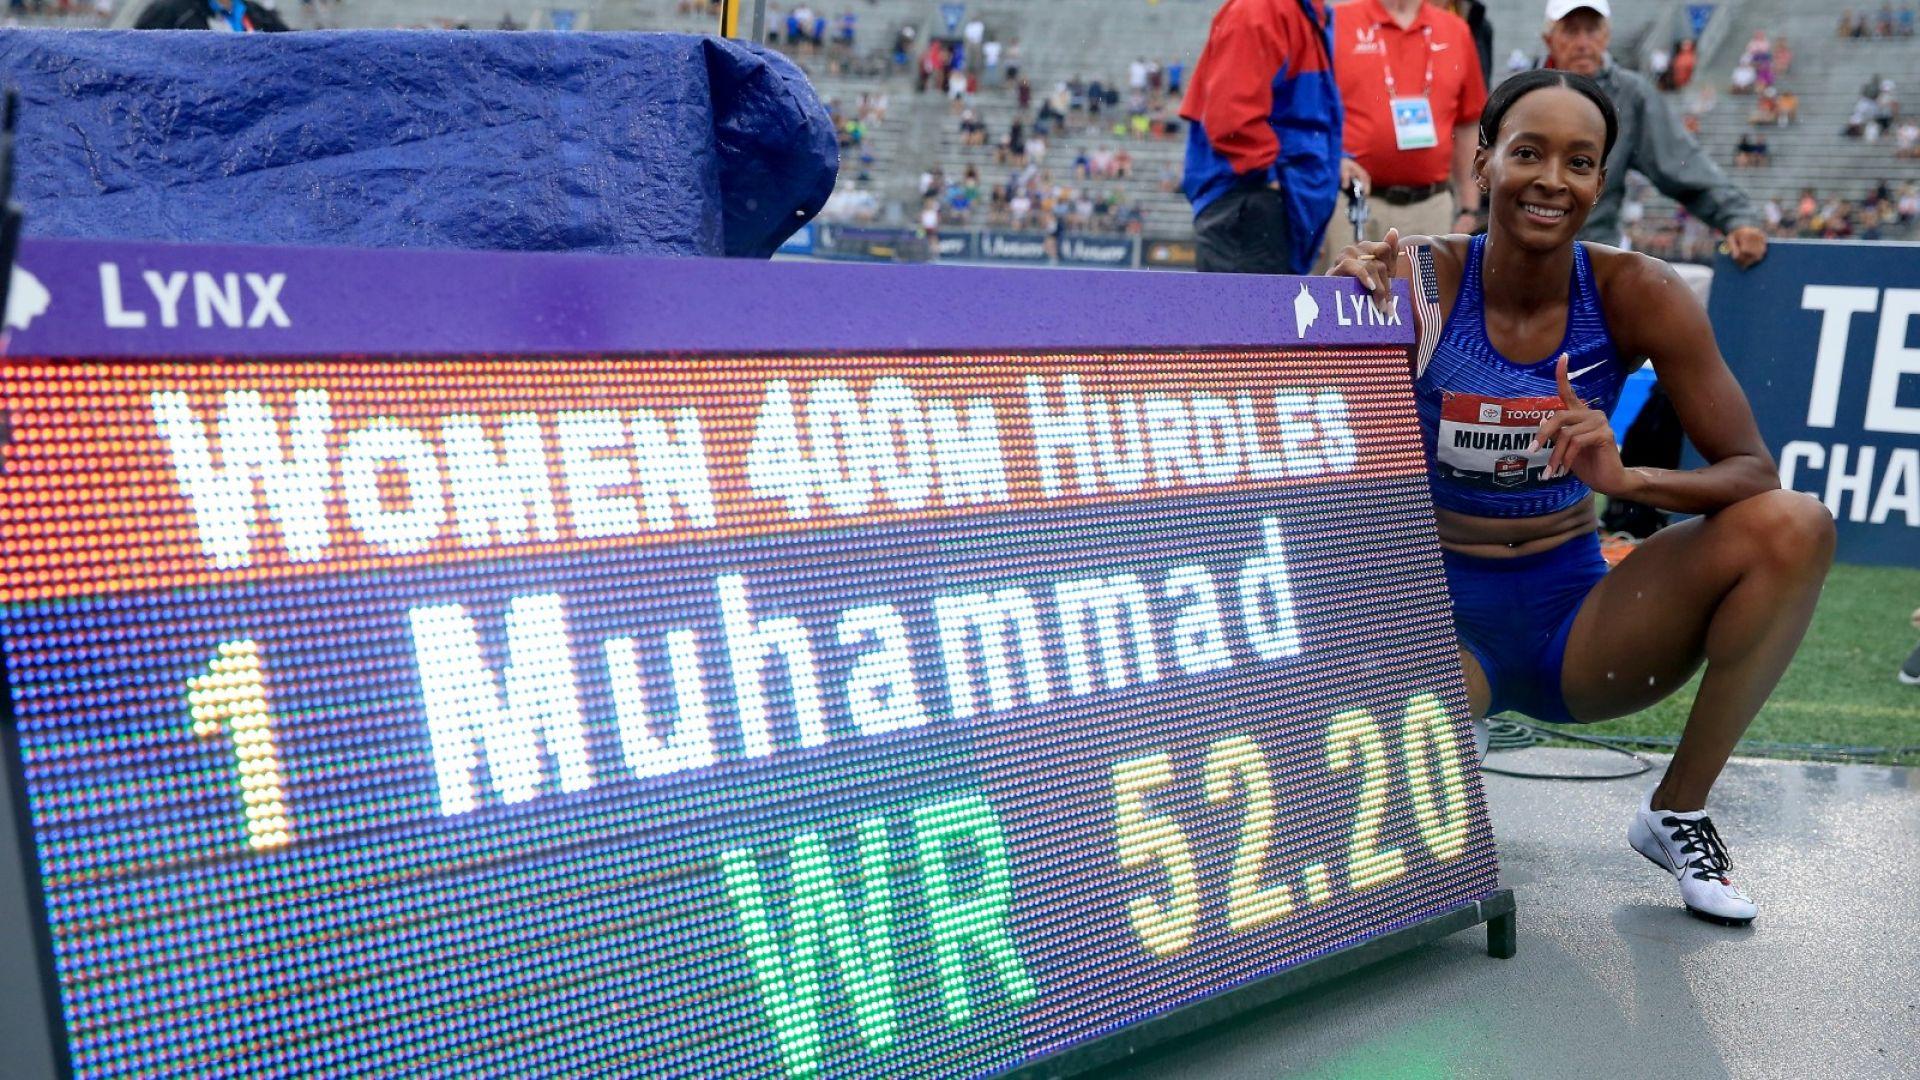 Олимпийската шампионка Мухамад счупи световен рекорд